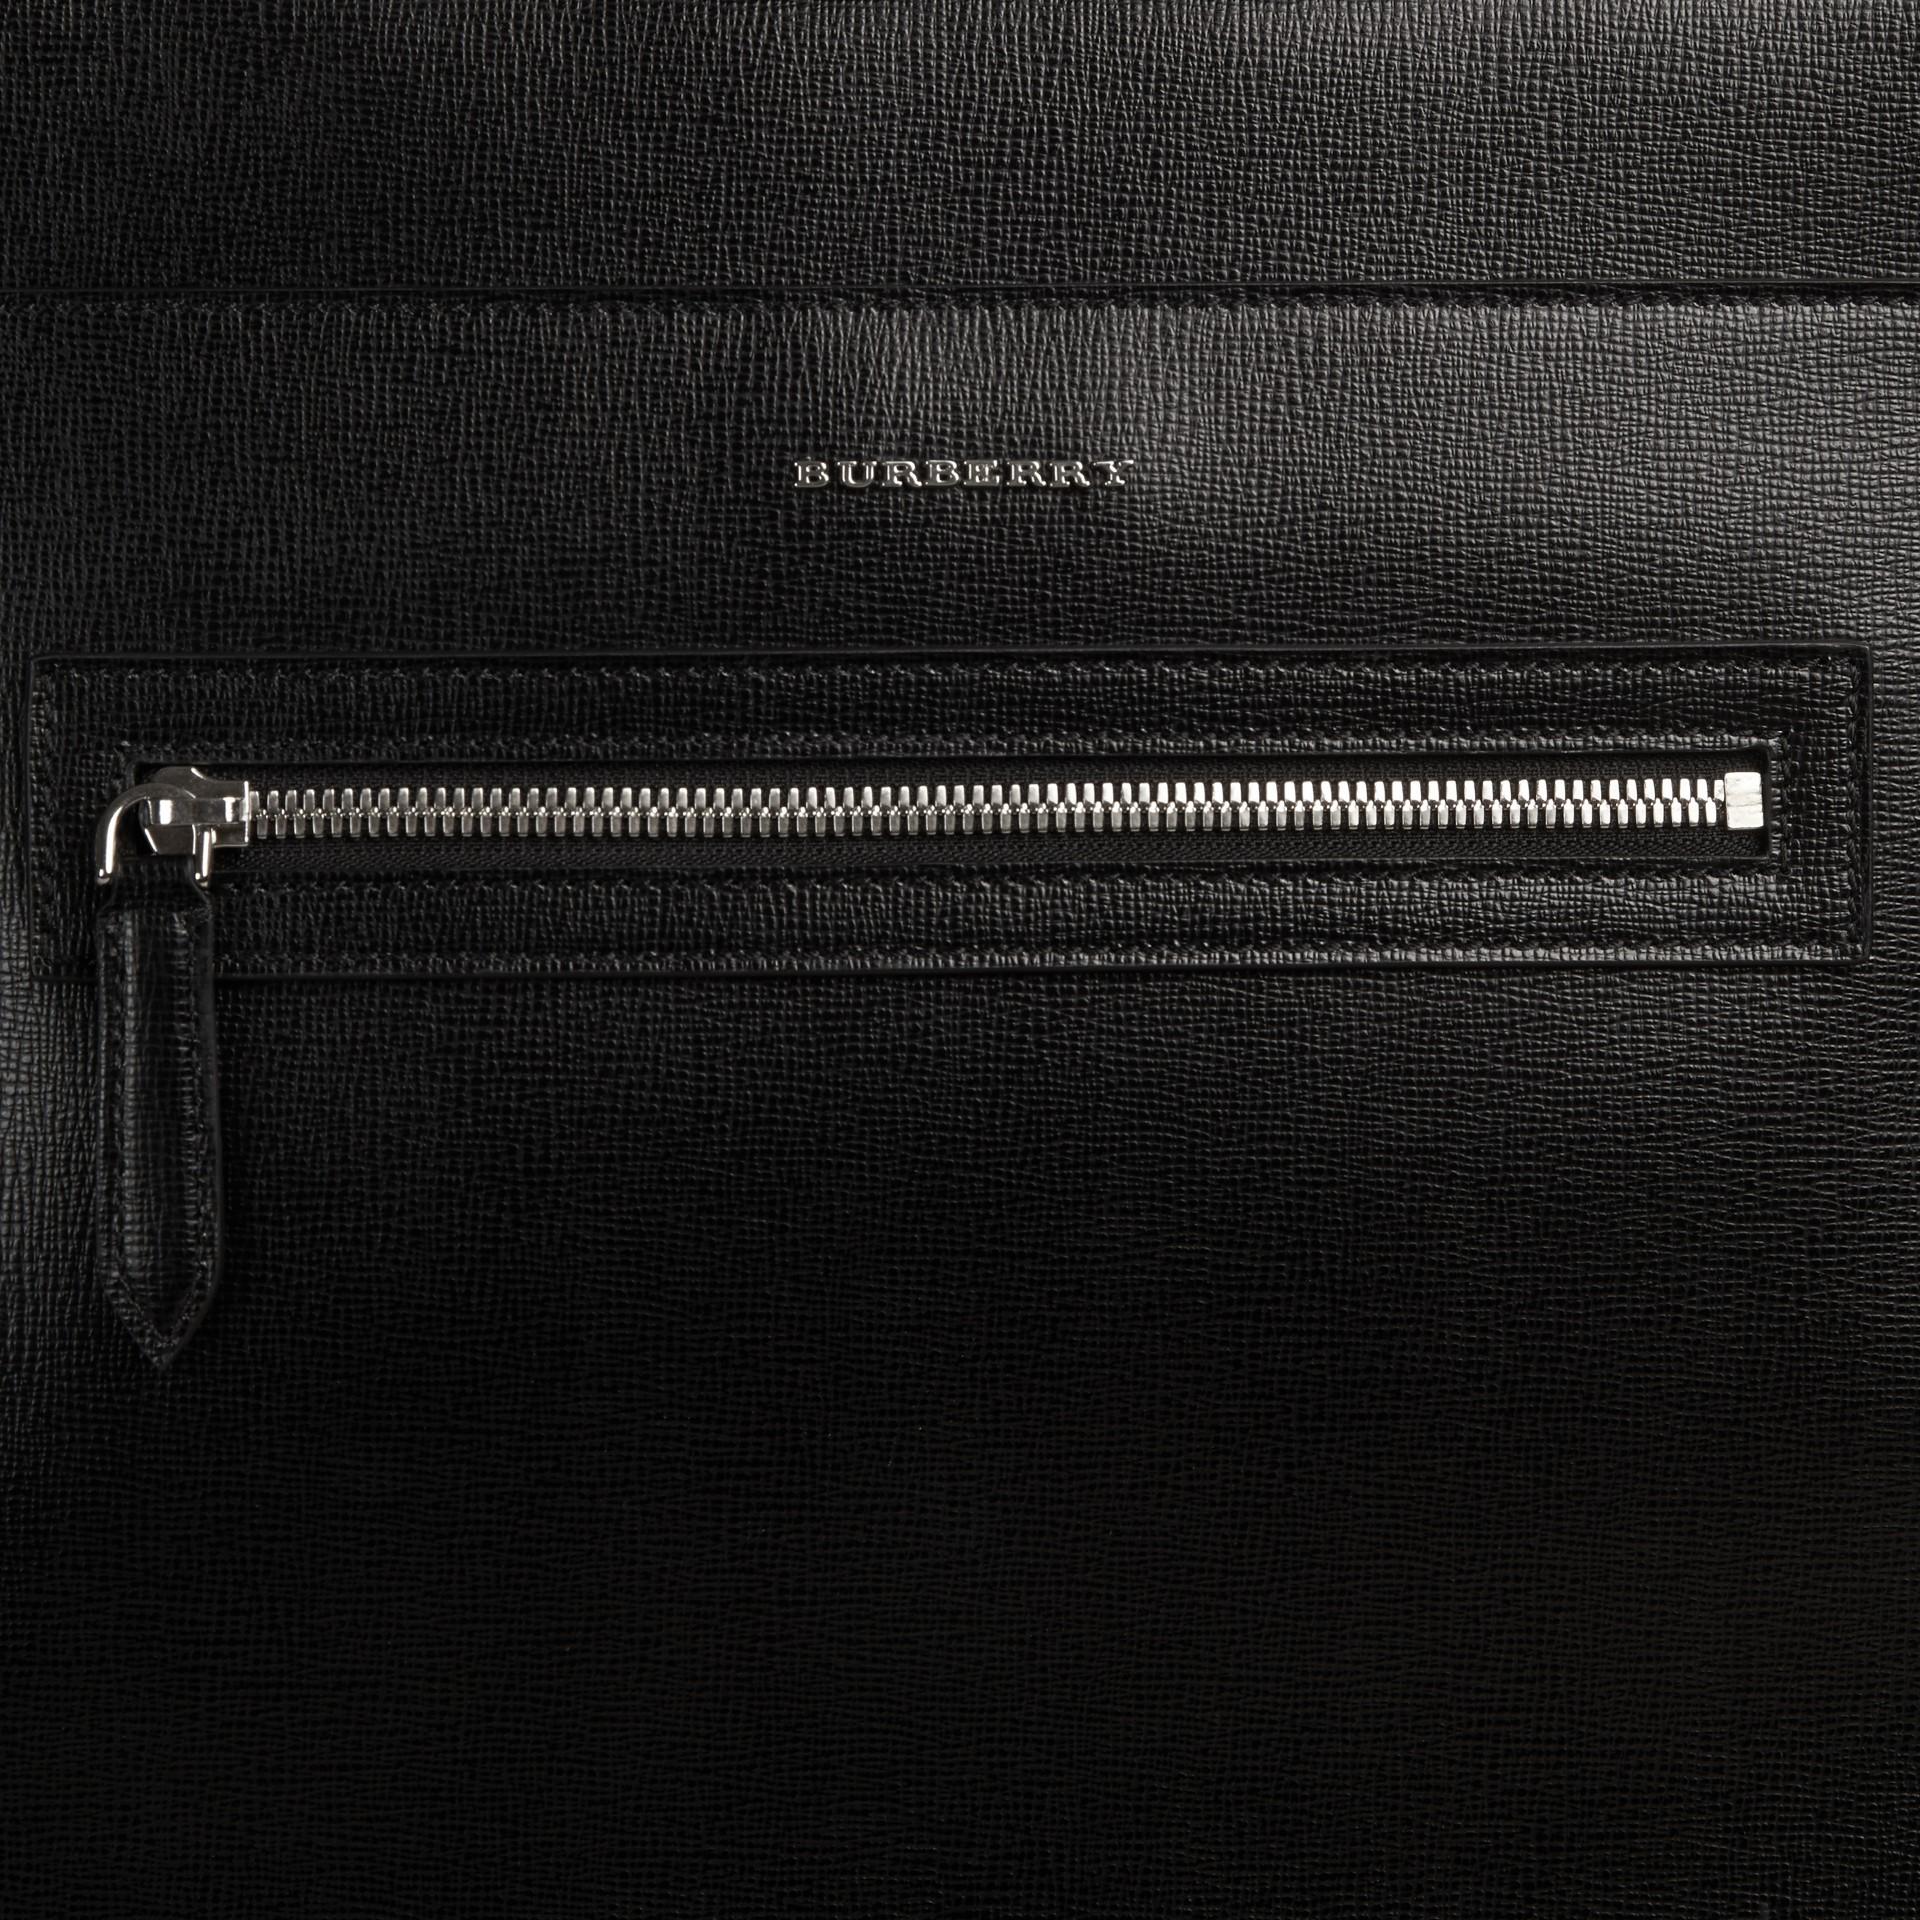 Nero Zaino in pelle effetto texture Nero - immagine della galleria 2